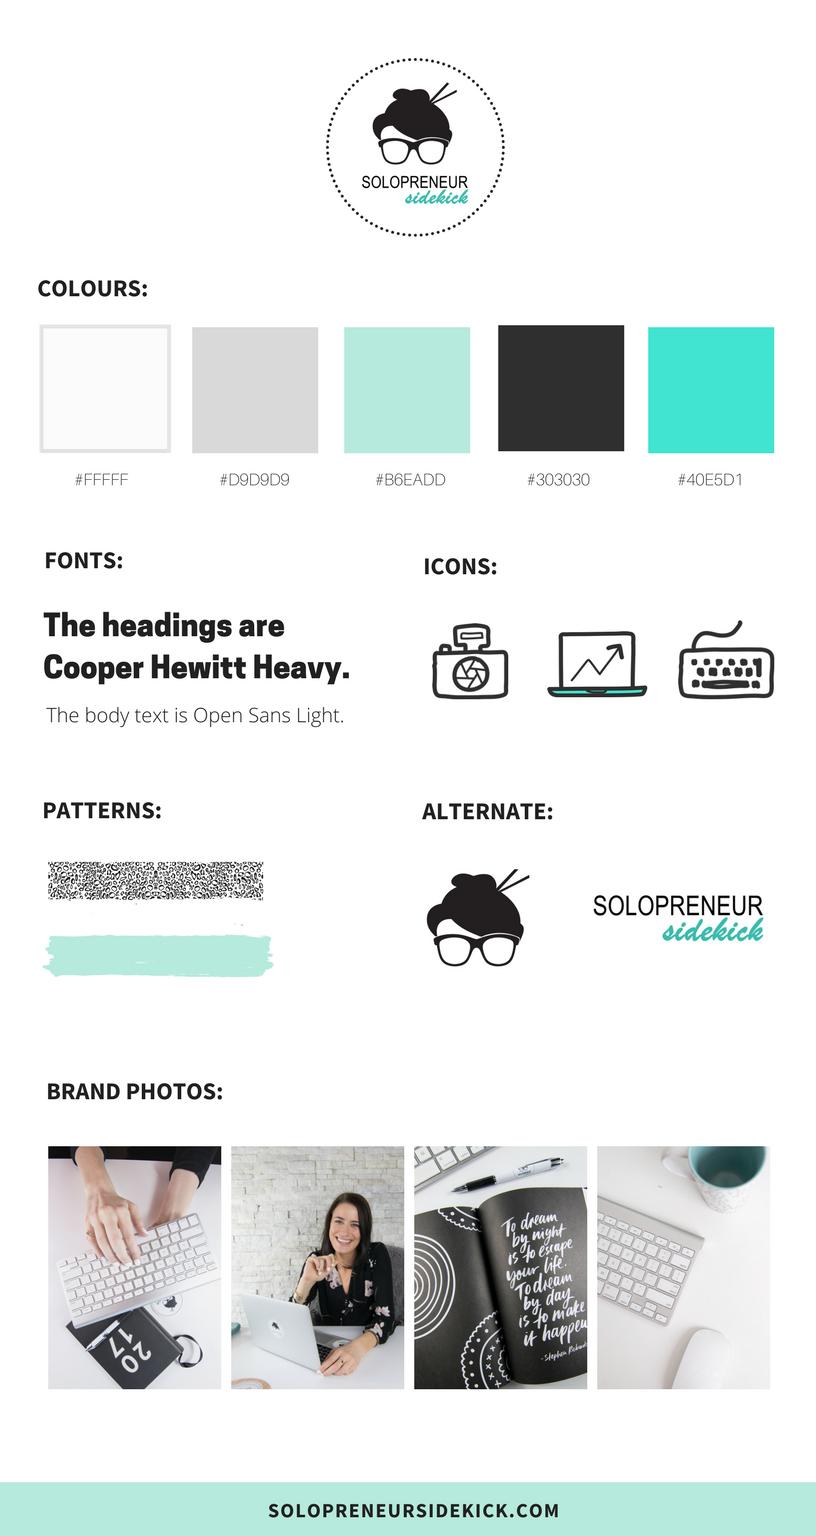 Solopreneur-Sidekick-Brand-Board.png